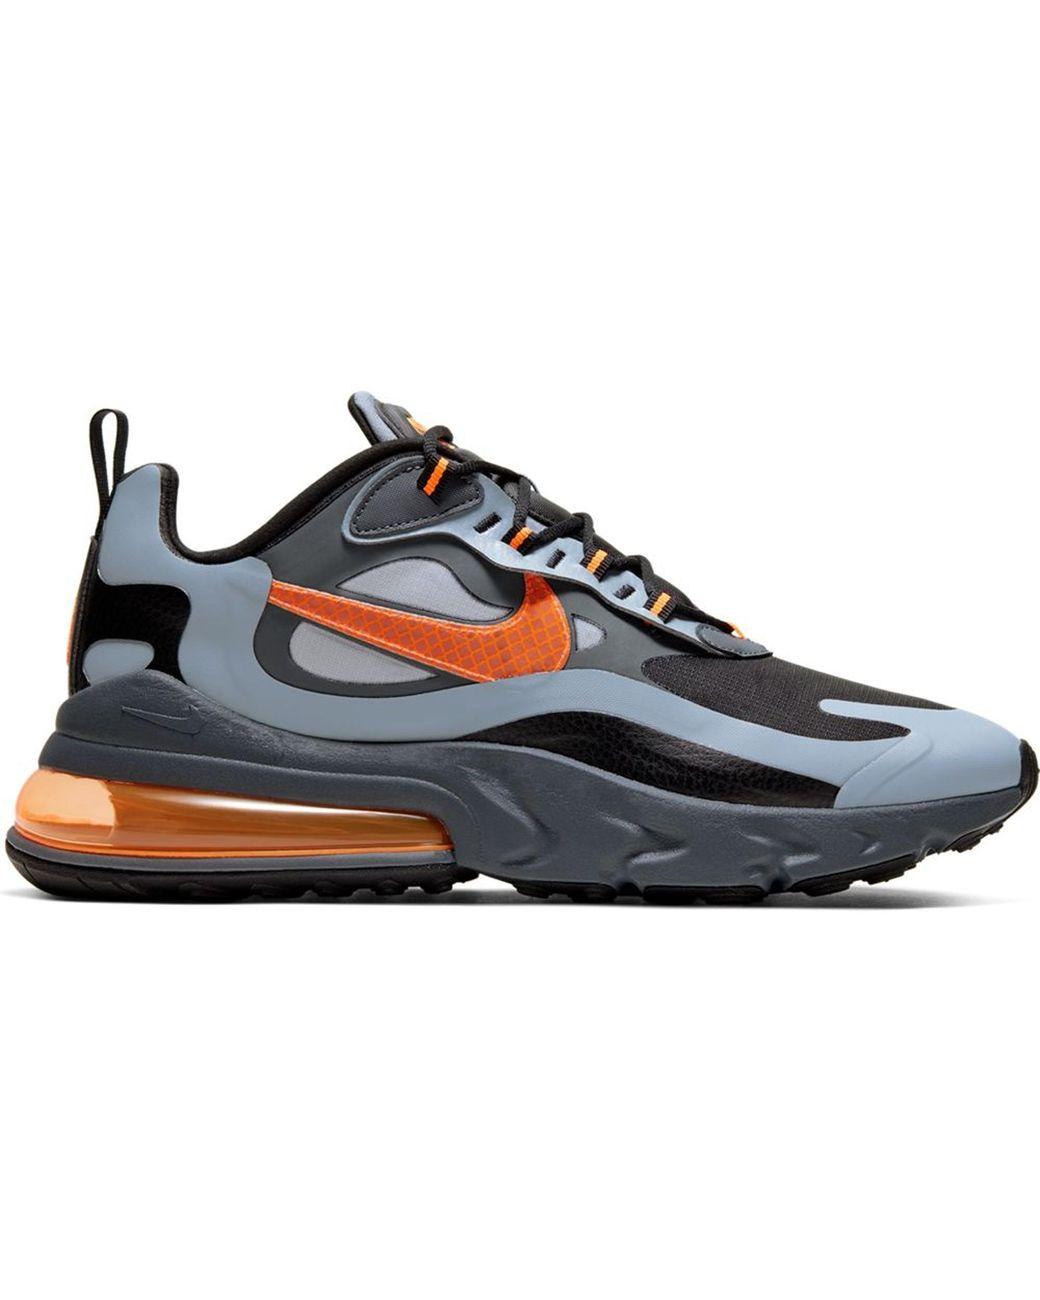 New Sz 11.5 Nike Men AIR MAX 270 FUTURA White Total Orange